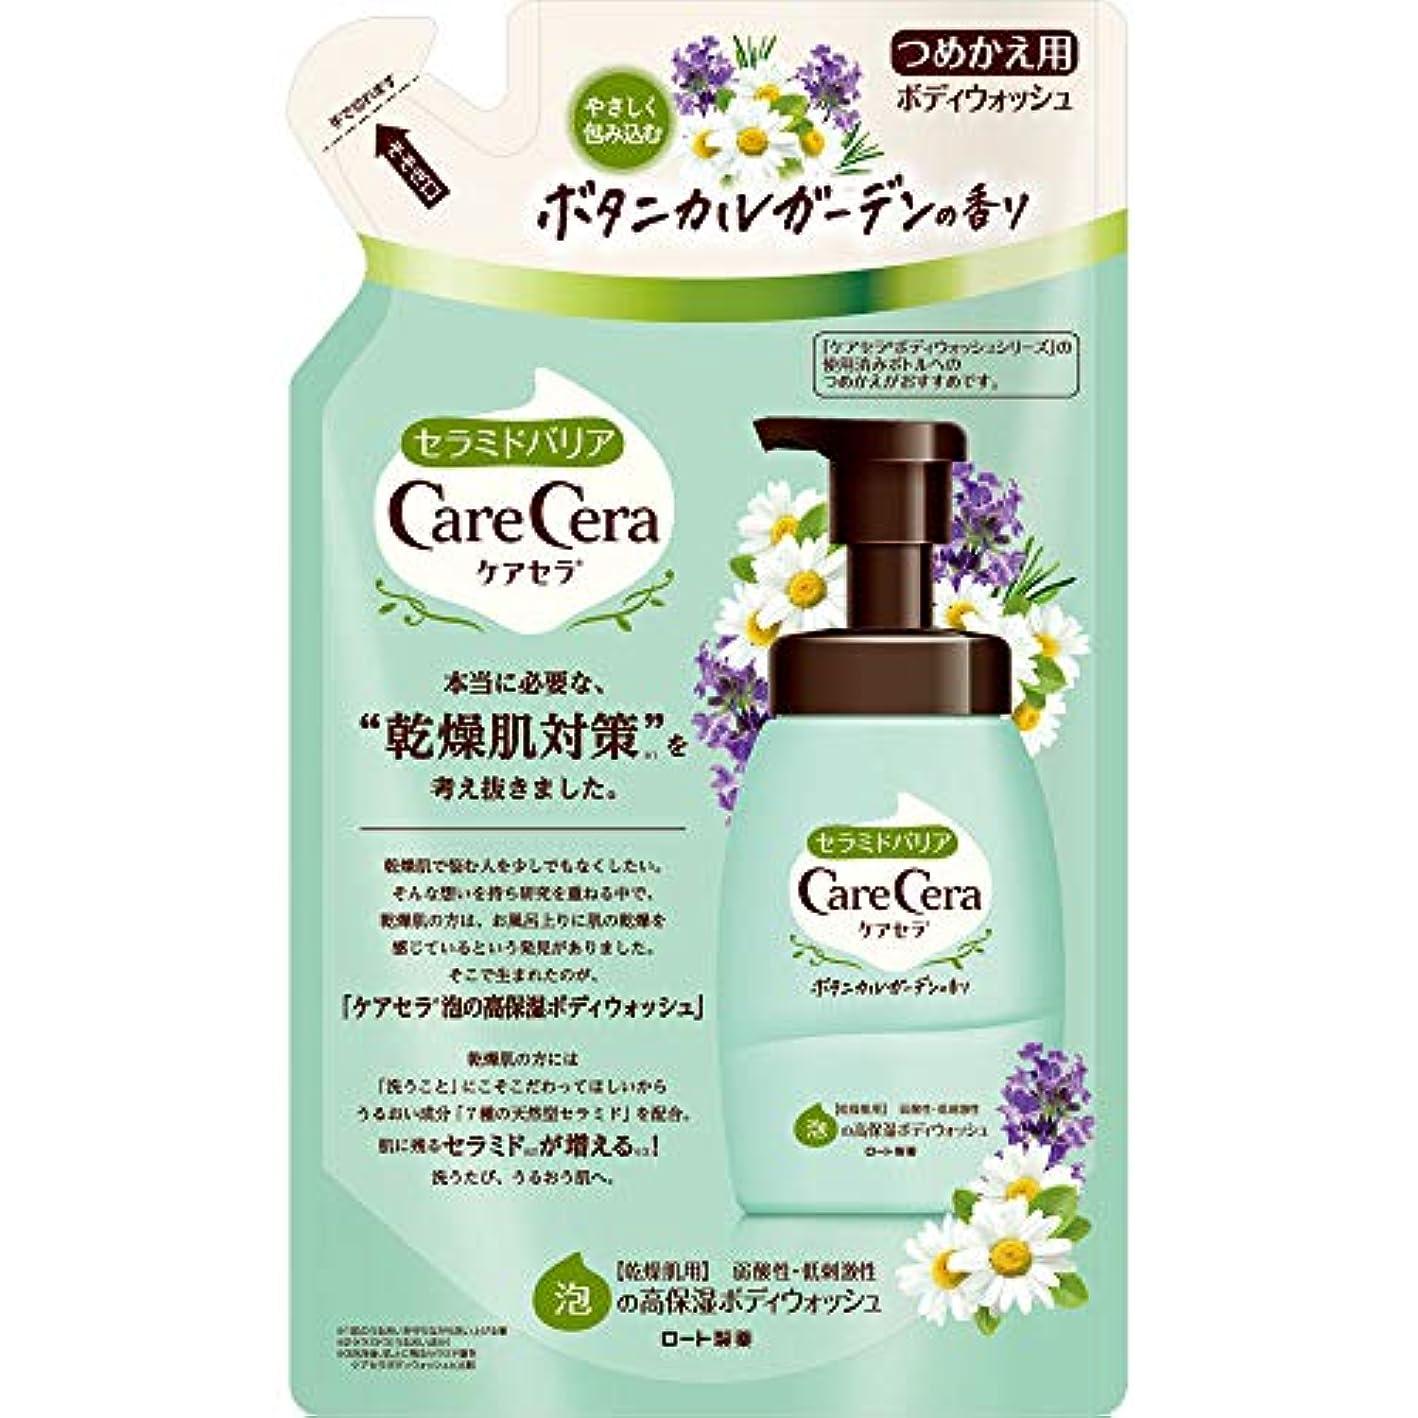 器具確保するコメントケアセラ 泡の高保湿ボディウォッシュ ボタニカルガーデンの香り つめかえ用 350mL